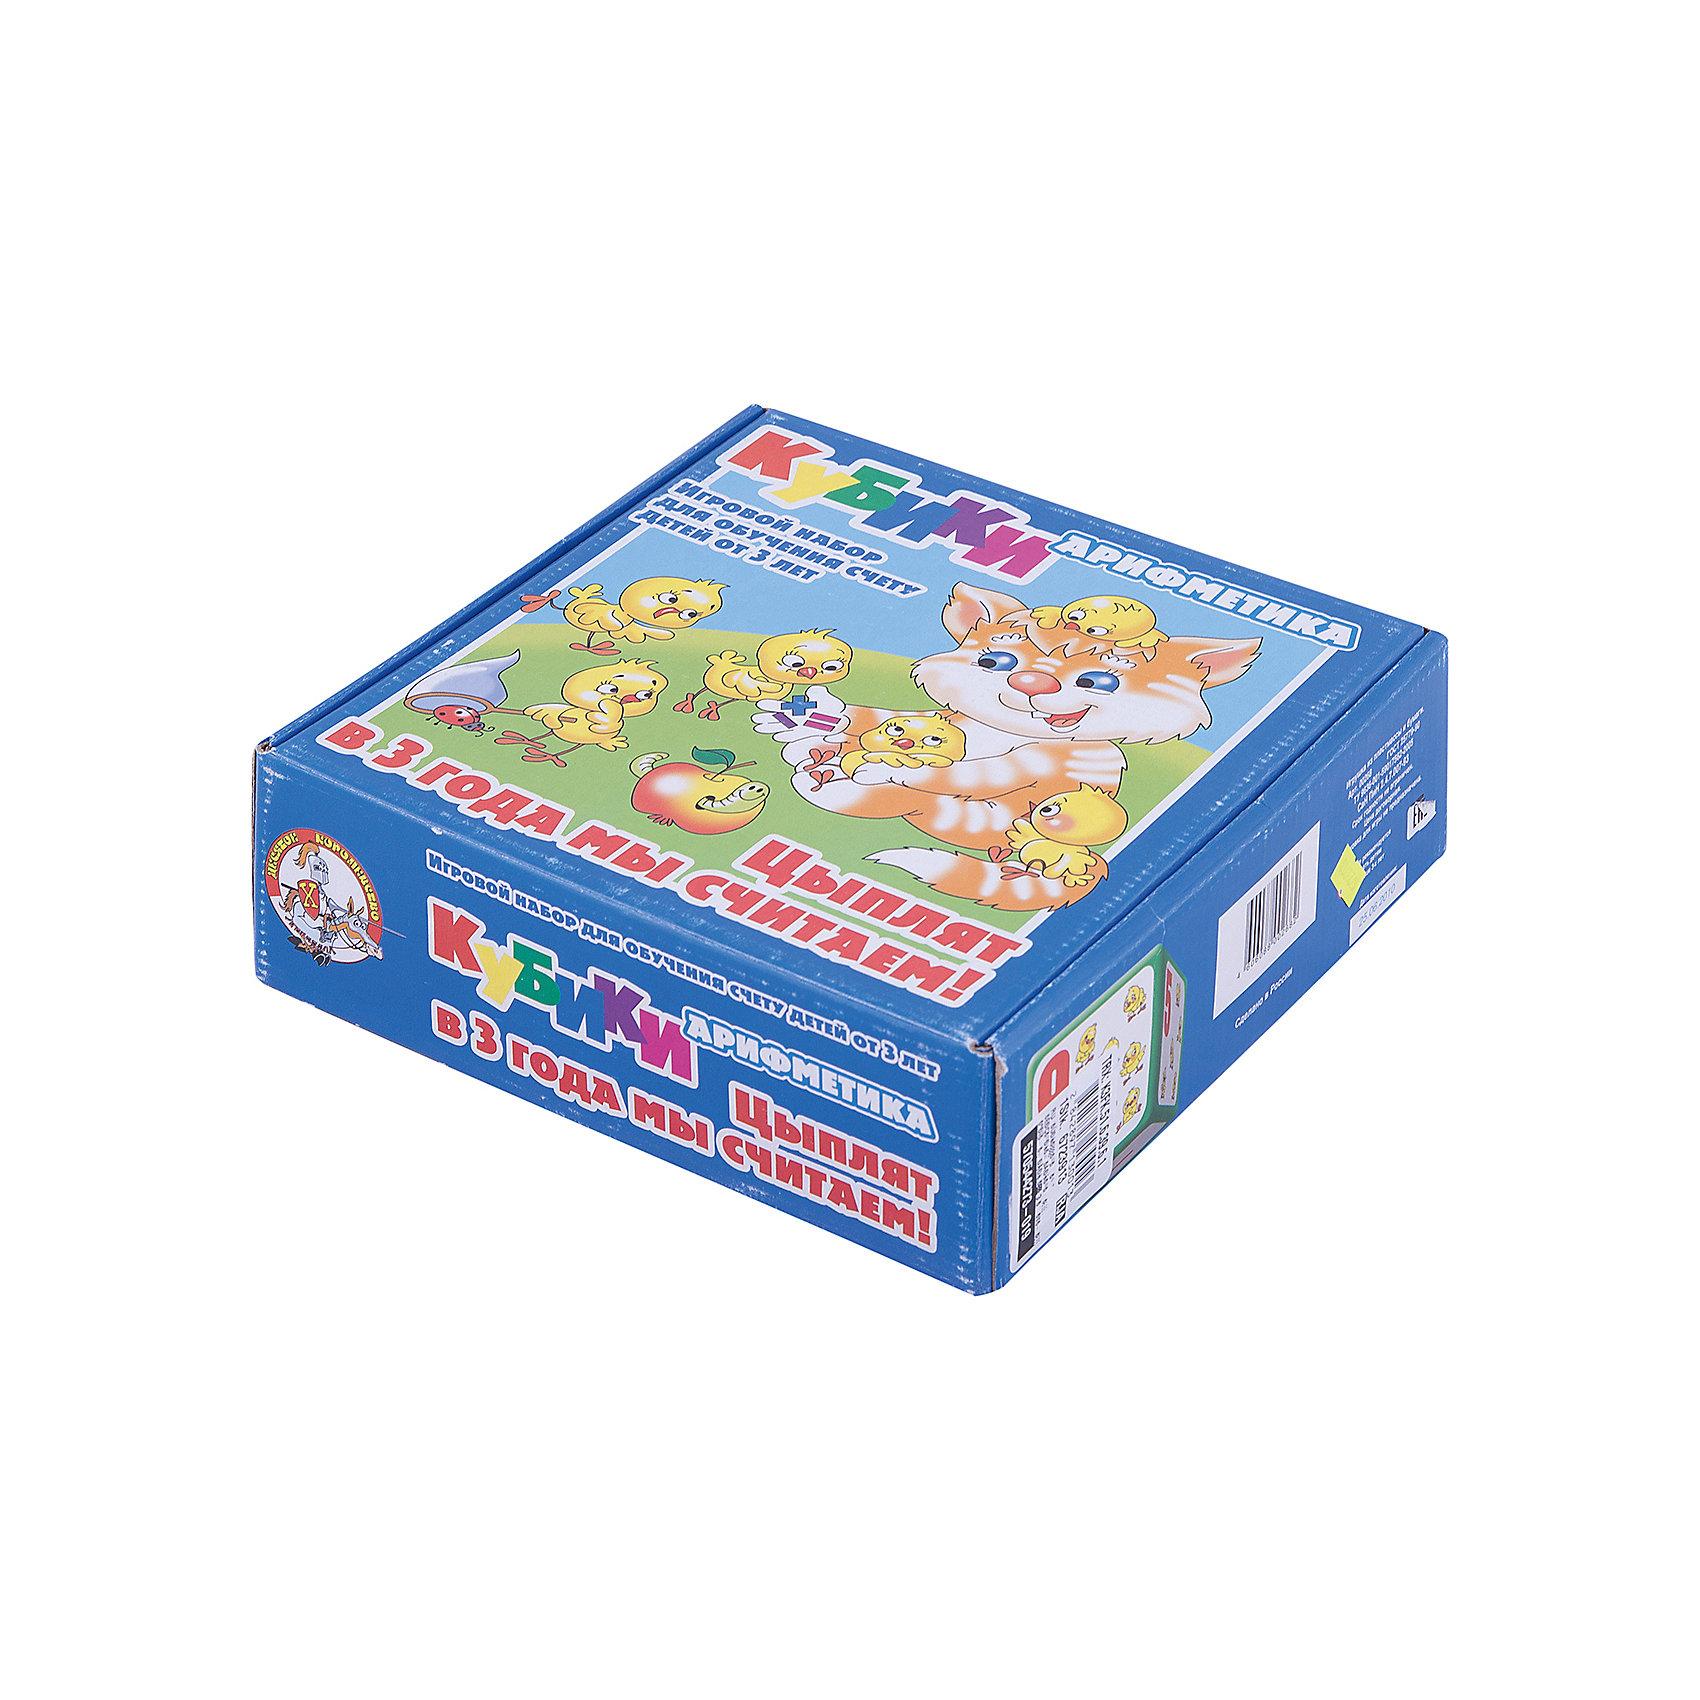 Кубики  Арифметика. Цыплят в 3 года мы считаем, 9 элементов, Десятое королевствоКубики<br>Характеристики:<br><br>• для детей в возрасте: от 3 лет<br>• в наборе: 9 кубиков<br>• размер кубика: 8х8 см.<br>• материал: выдувная пластмасса<br>• размер упаковки: 25,5х24,5х8,5 см.<br>• вес: 510 гр.<br><br>Кубики «Арифметика. Цыплят в 3 года мы считаем» предназначены для самых маленьких. В наборе представлено 9 больших красочных кубиков с нанесенными на грани картинками с изображением цифр и цыплят, количество которых соответствует цифре, а также математических знаков. <br><br>Играя с кубиками, малыш научится счету, познакомится с математическими знаками и простыми арифметическими действиями, а также научится сопоставлять цифру с количеством элементов на картинке.<br><br>Размер кубиков оптимален для маленьких детских рук. Кубики не имеют острых углов. Они легкие и прочные. Кубики изготовлены из высококачественной выдувной пластмассы.<br><br>Кубики Арифметика. Цыплят в 3 года мы считаем, 9 элементов, Десятое королевство можно купить в нашем интернет-магазине.<br><br>Ширина мм: 255<br>Глубина мм: 245<br>Высота мм: 85<br>Вес г: 571<br>Возраст от месяцев: 36<br>Возраст до месяцев: 2147483647<br>Пол: Унисекс<br>Возраст: Детский<br>SKU: 6723913